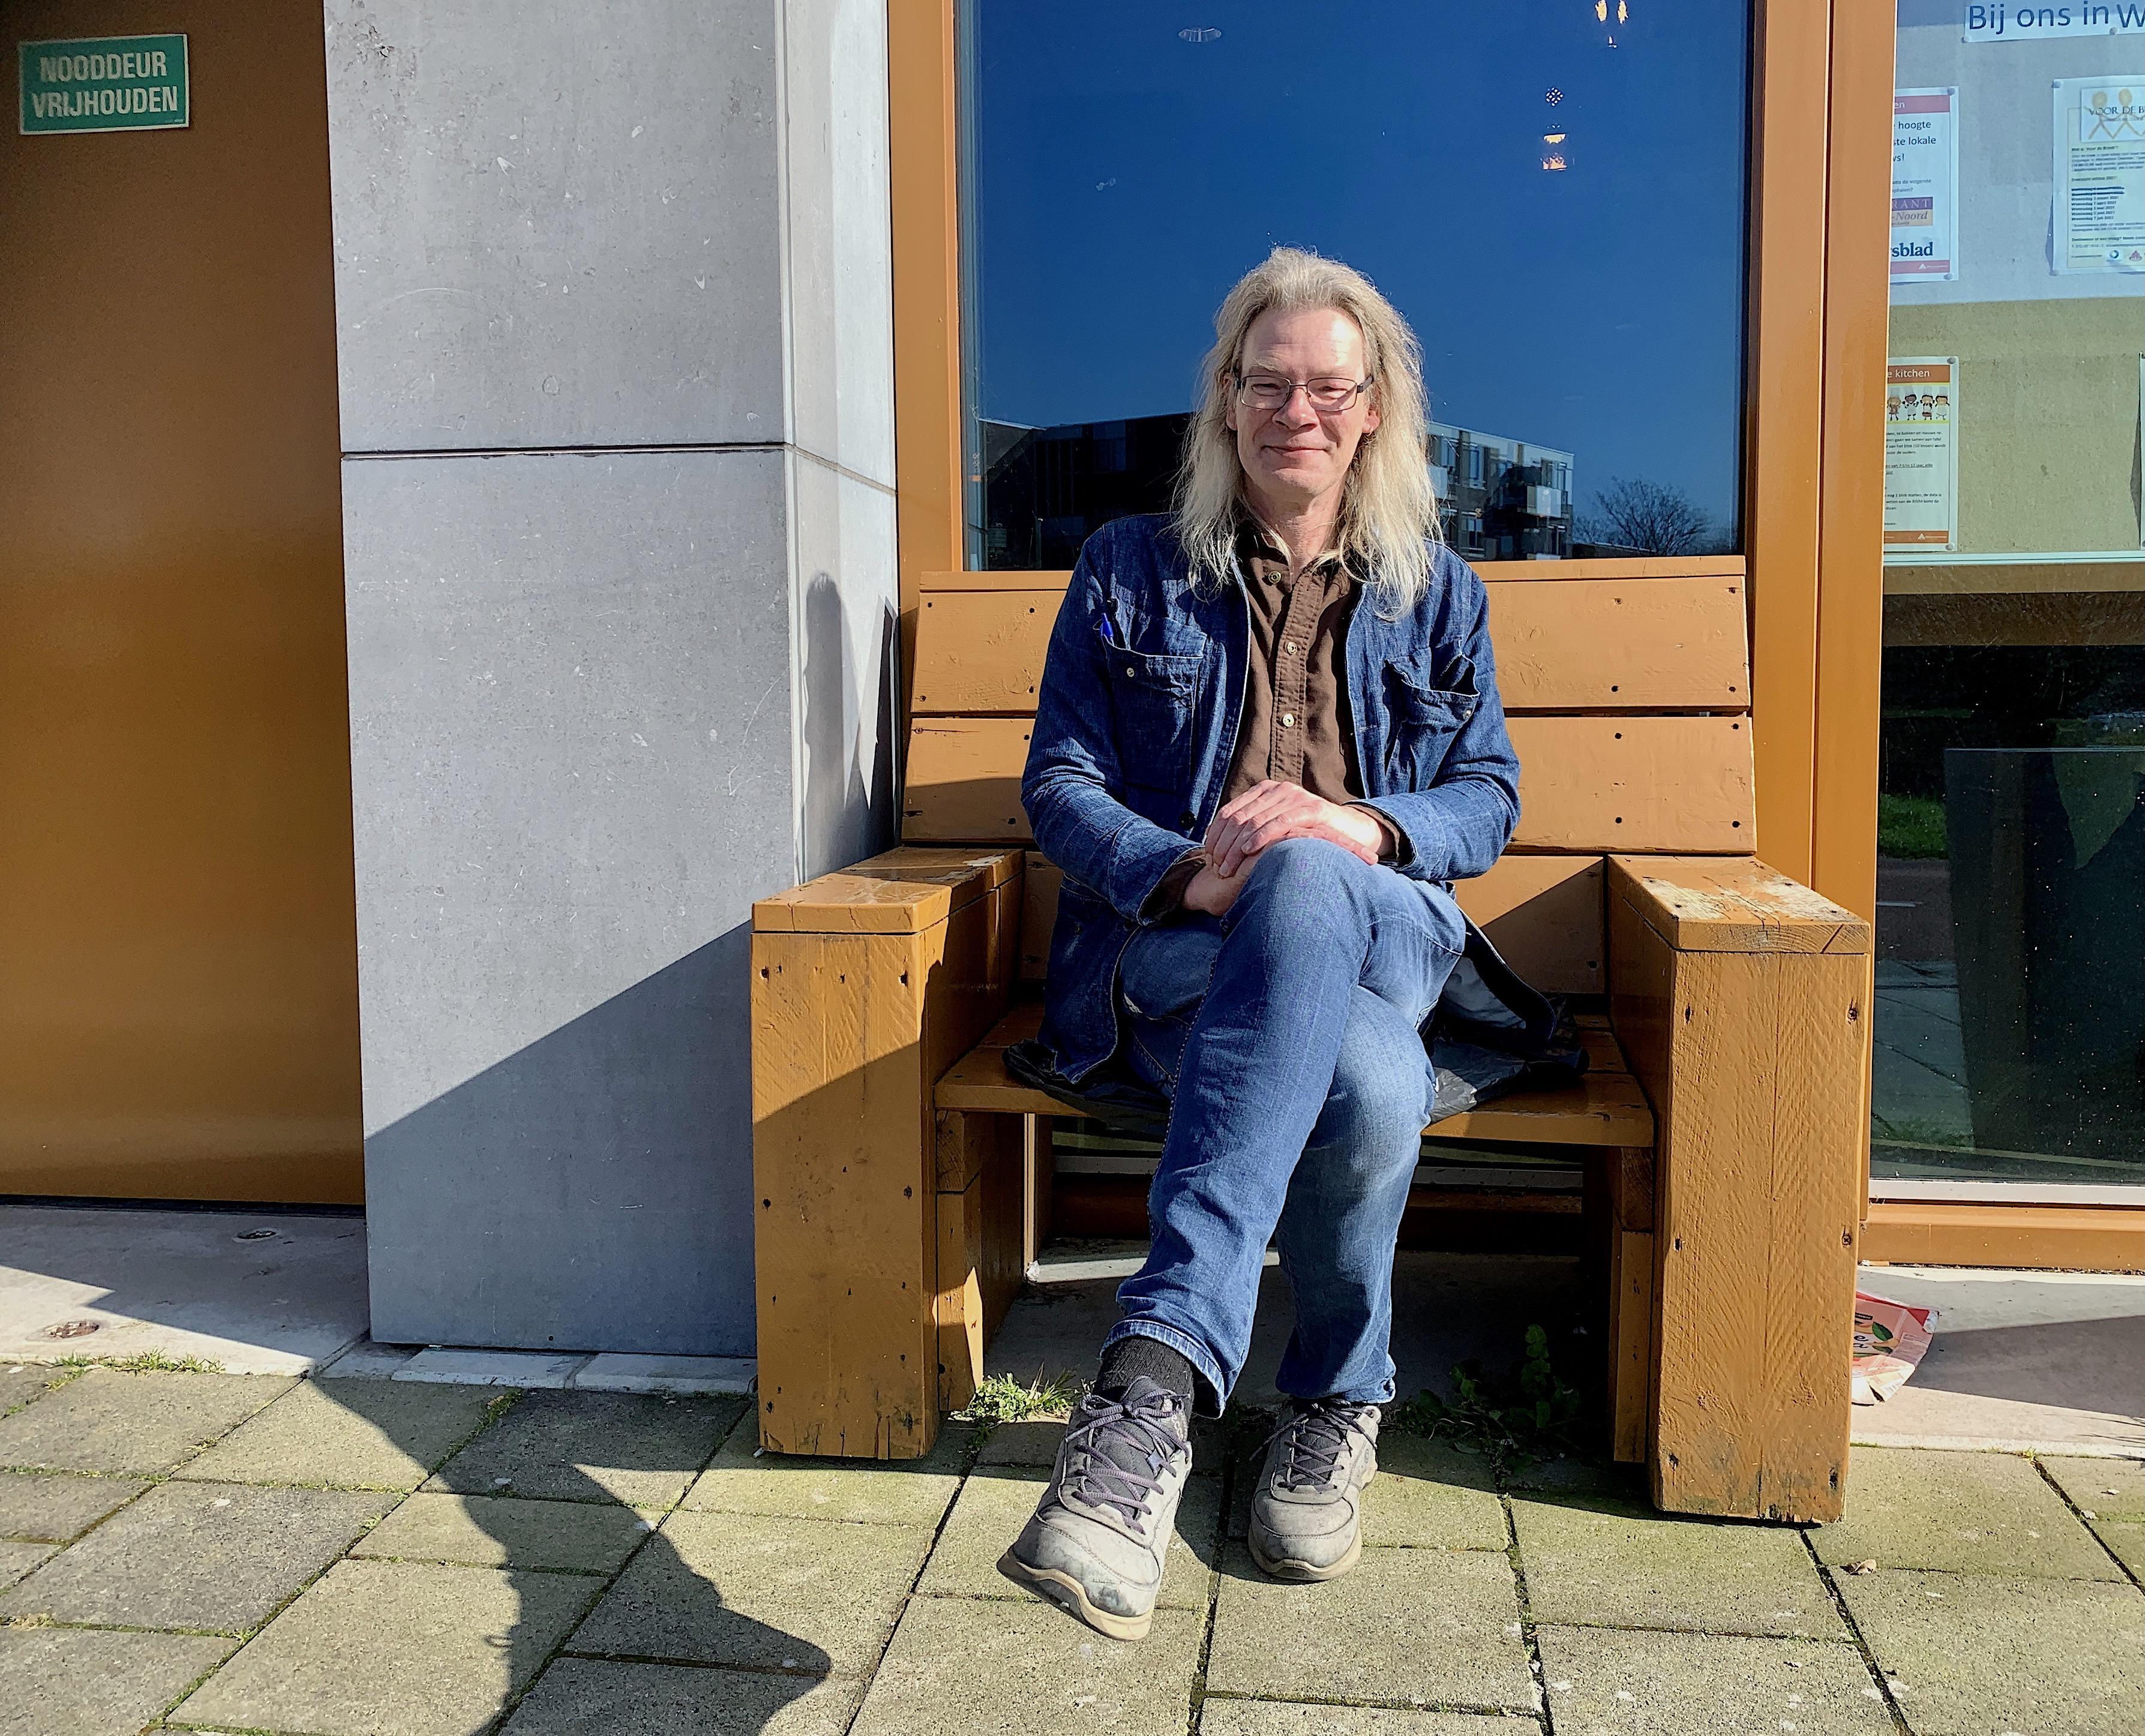 ,,Kinderen zijn als een beginnende band,'' zegt conciërge en festivalfan Evert (54) uit Bergen. ,,Even puur en ongepolijst.''